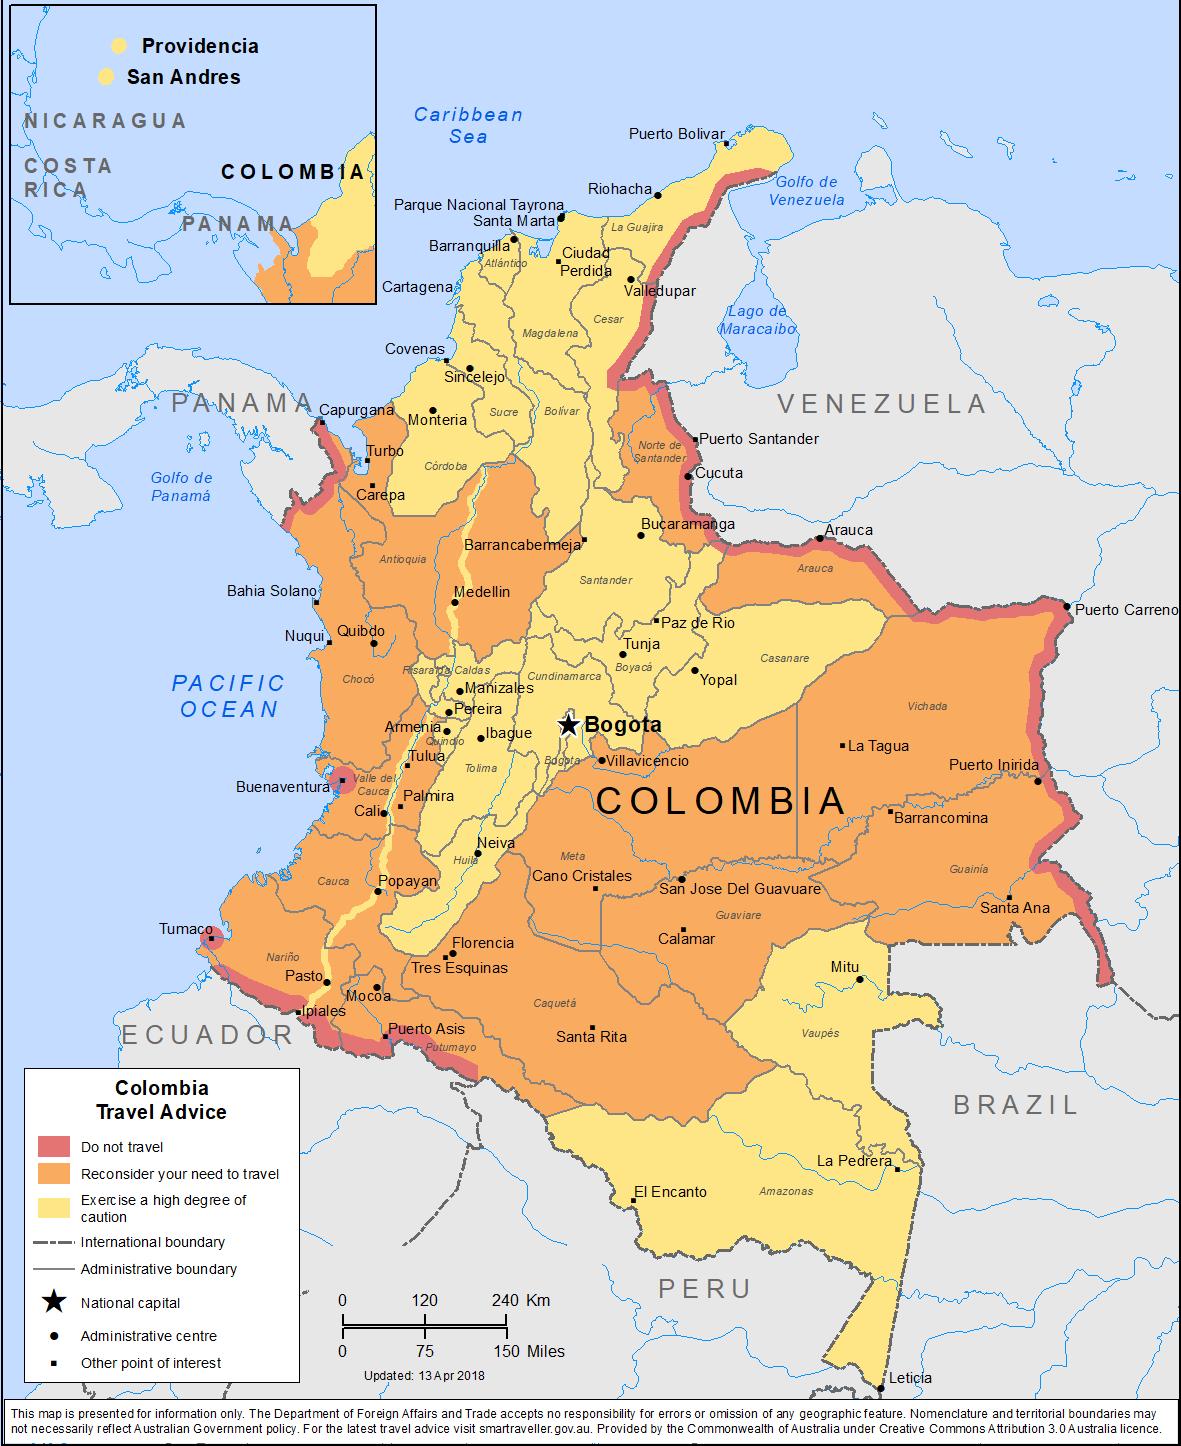 Colombia-Travel-Insurance | AardvarkCompare.com